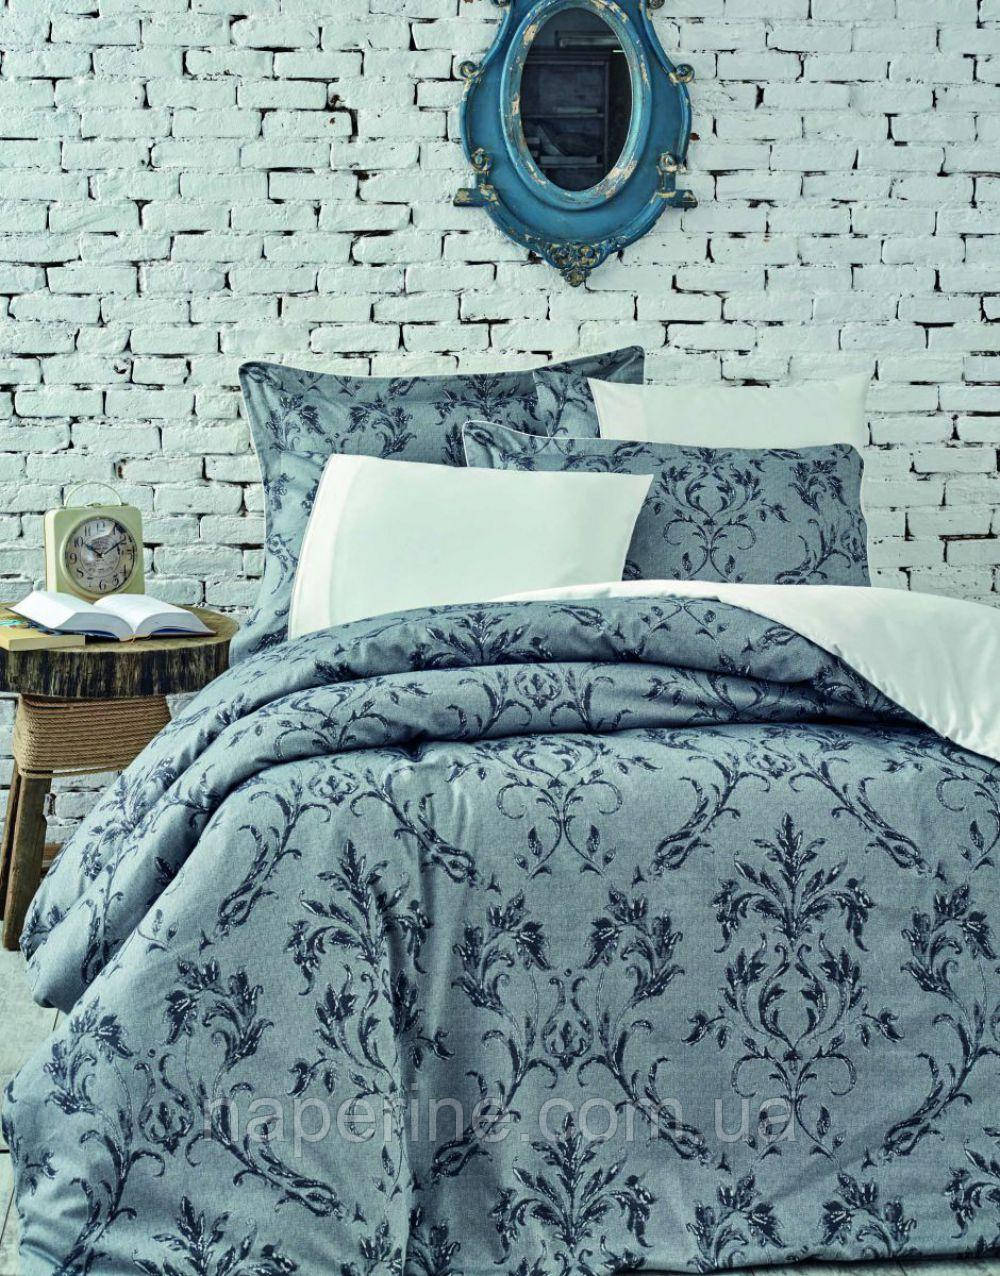 Постельное бельё VIP сатин-жаккард Ecocotton SAFIR евро размер - Na perine - интернет-магазин постельного белья и домашнего текстиля в Одессе